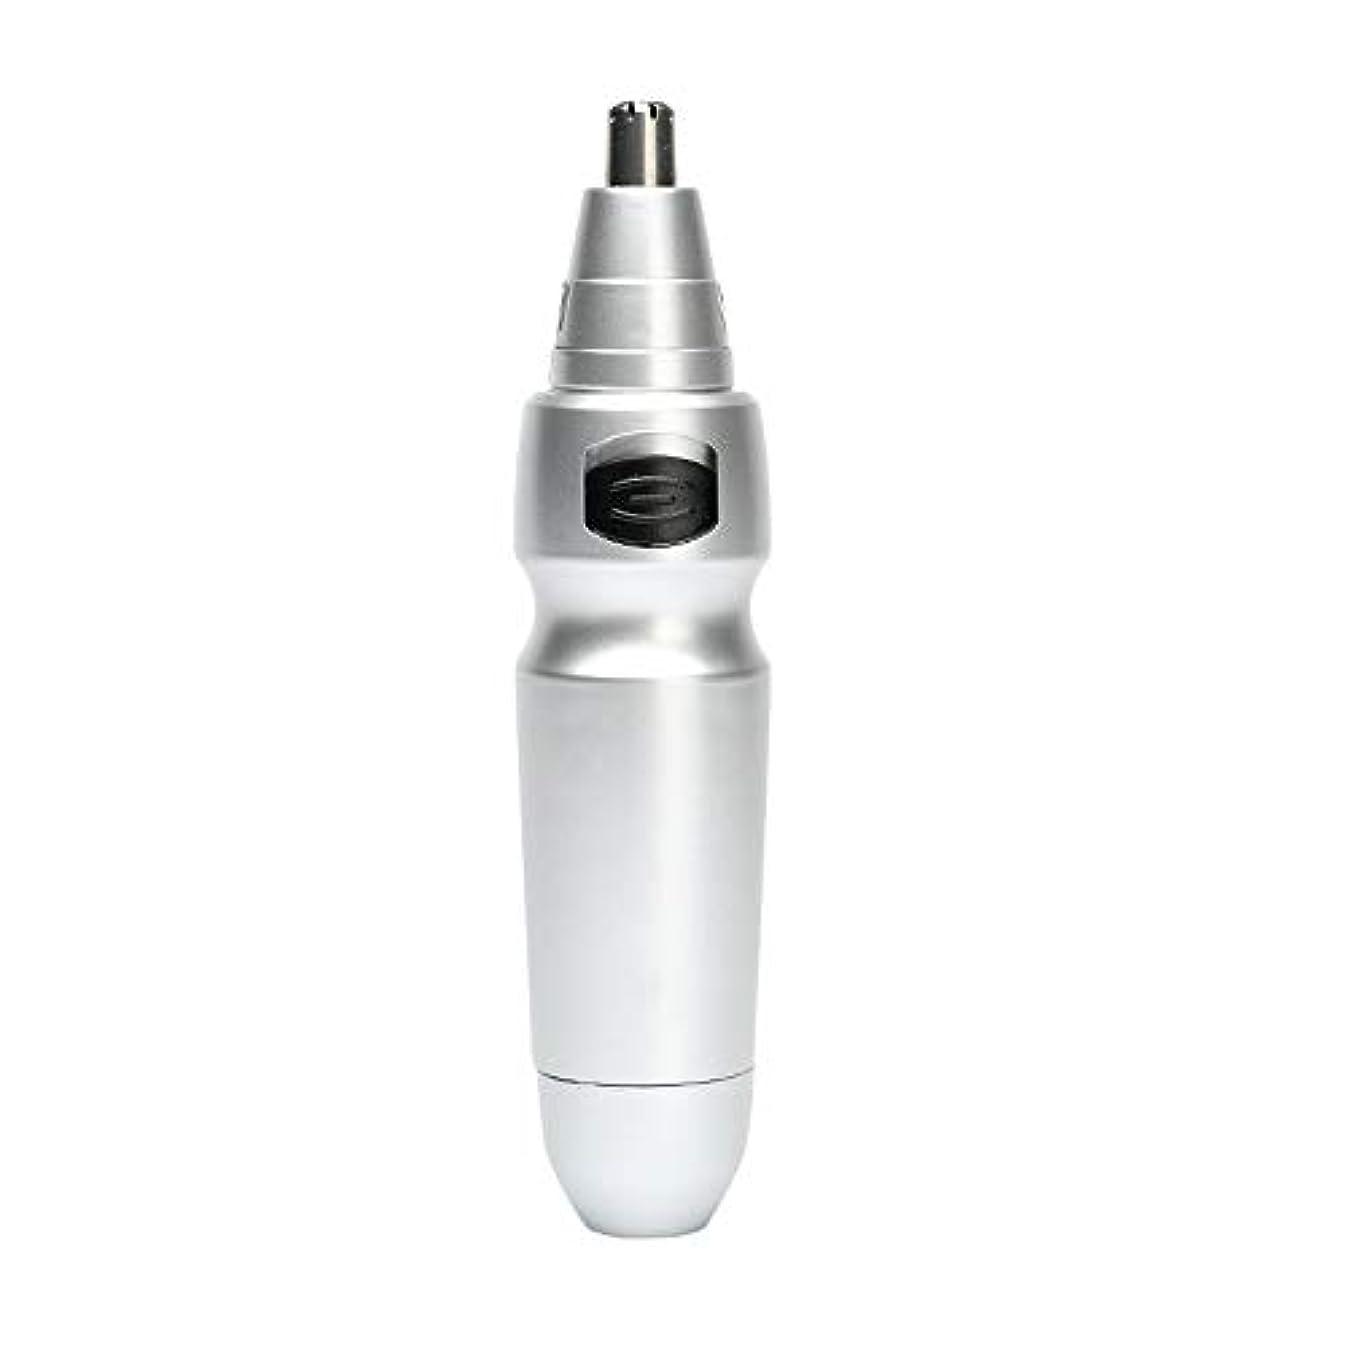 ノーズヘアトリマー-男性用女性シェービングノーズ/三次元アーチ、カッターヘッドデザイン/高速ロータリーカッターヘッド/ 130 * 28mm お手入れが簡単